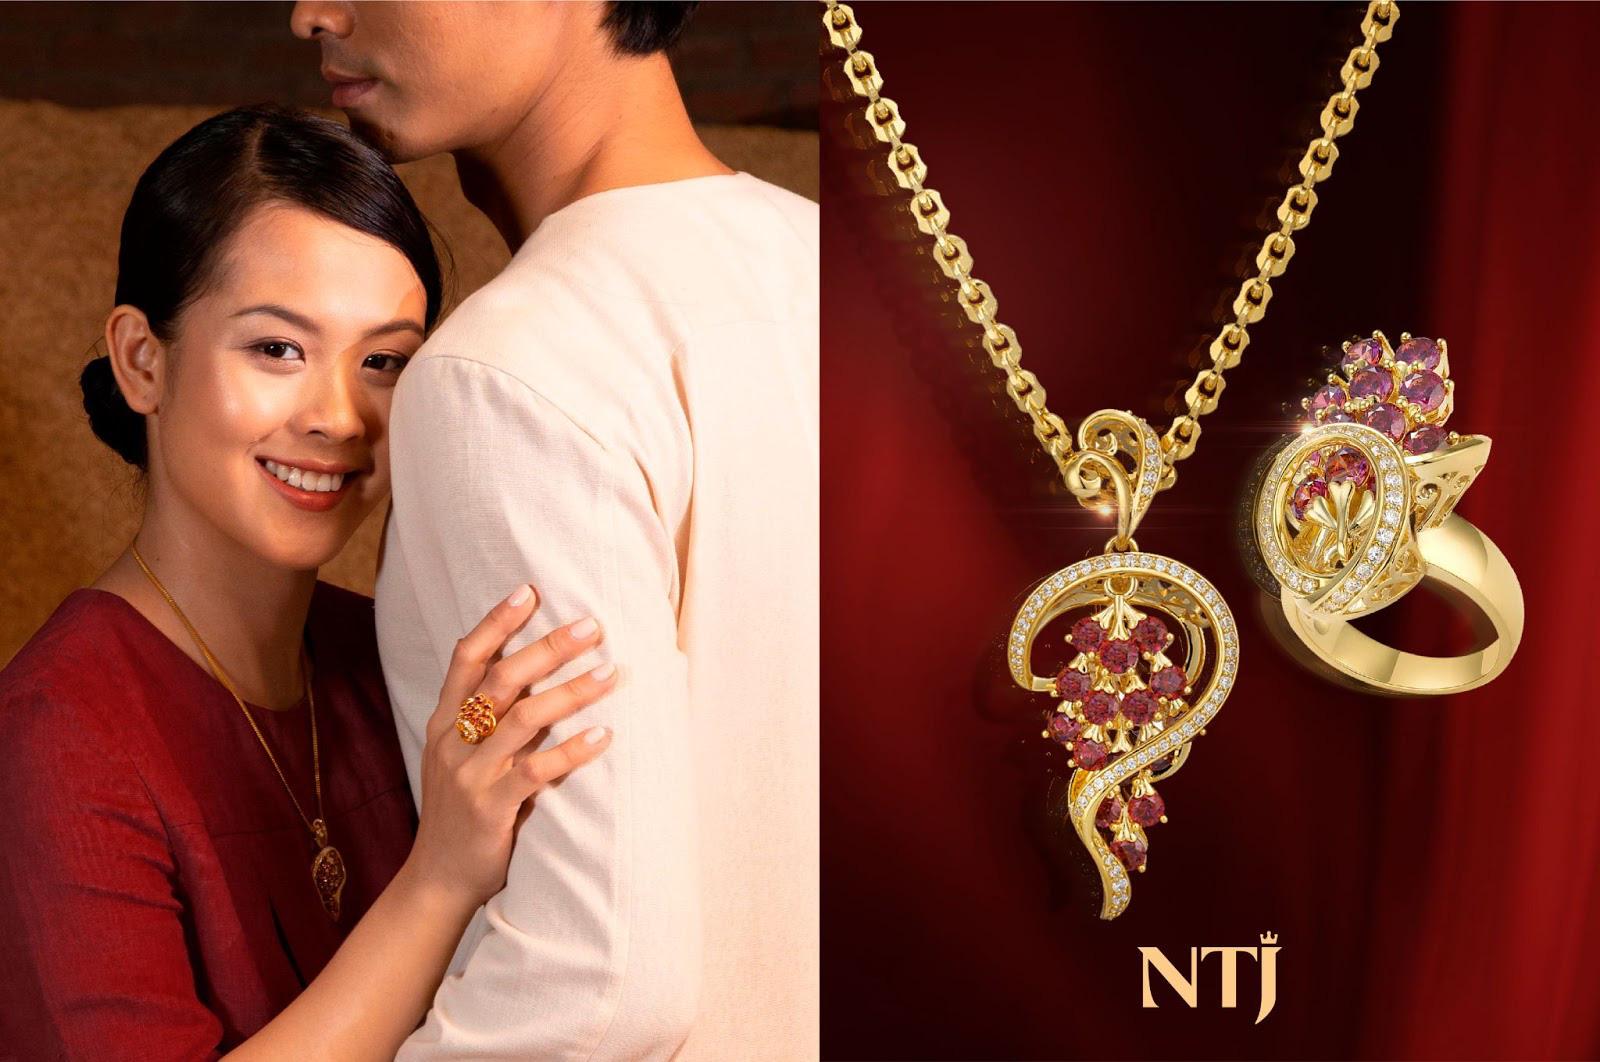 Ngọc Thẩm Jewelry trình làng phim thời trang đậm dấu ấn miền Tây Nam Bộ - Ảnh 4.